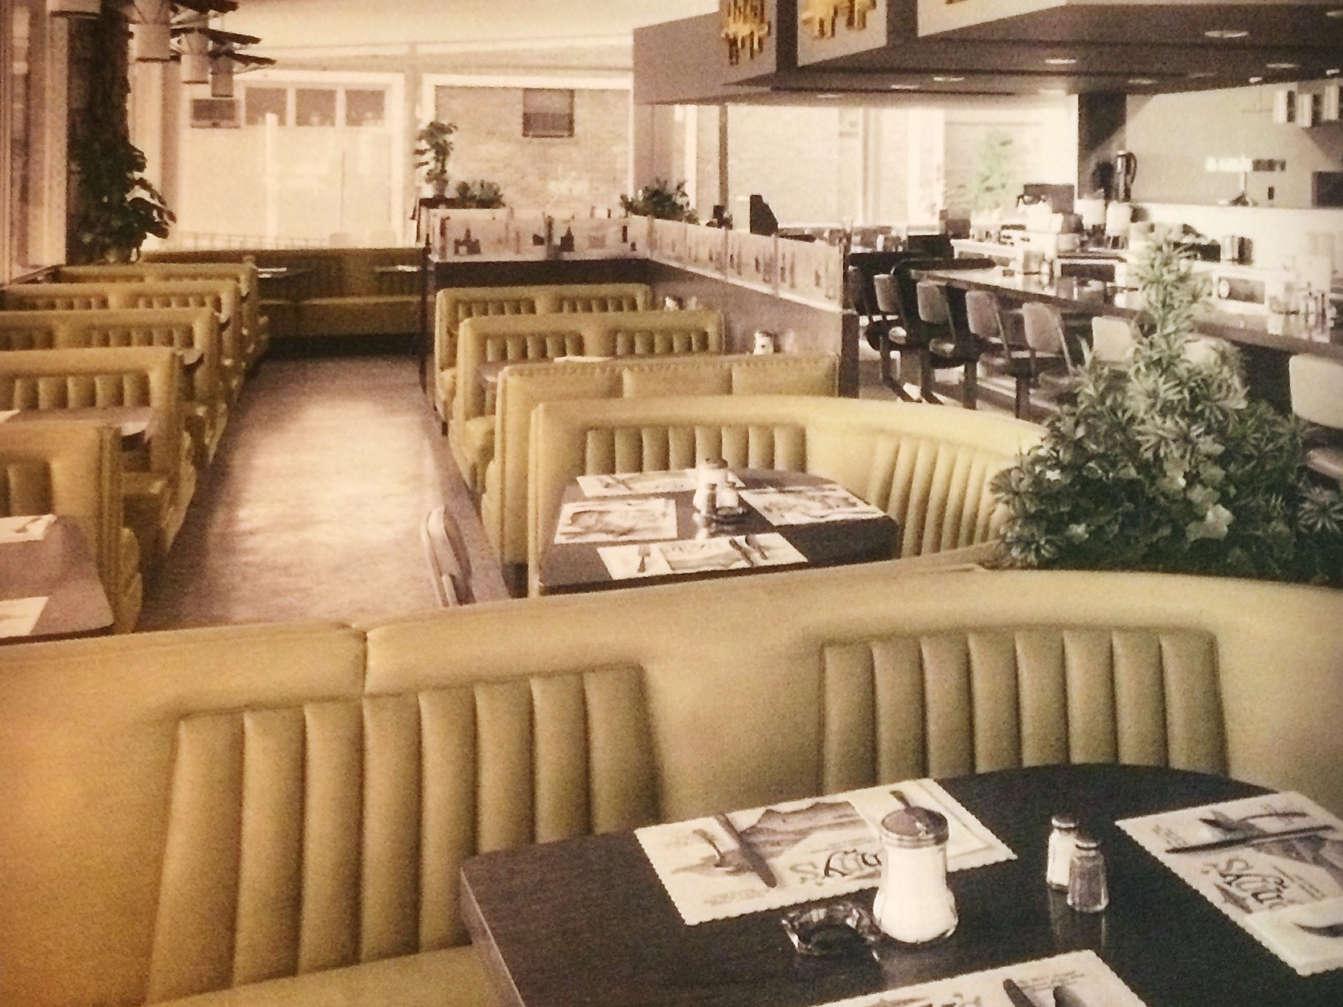 Klangstudie: Ein Diner im Jahre 1971